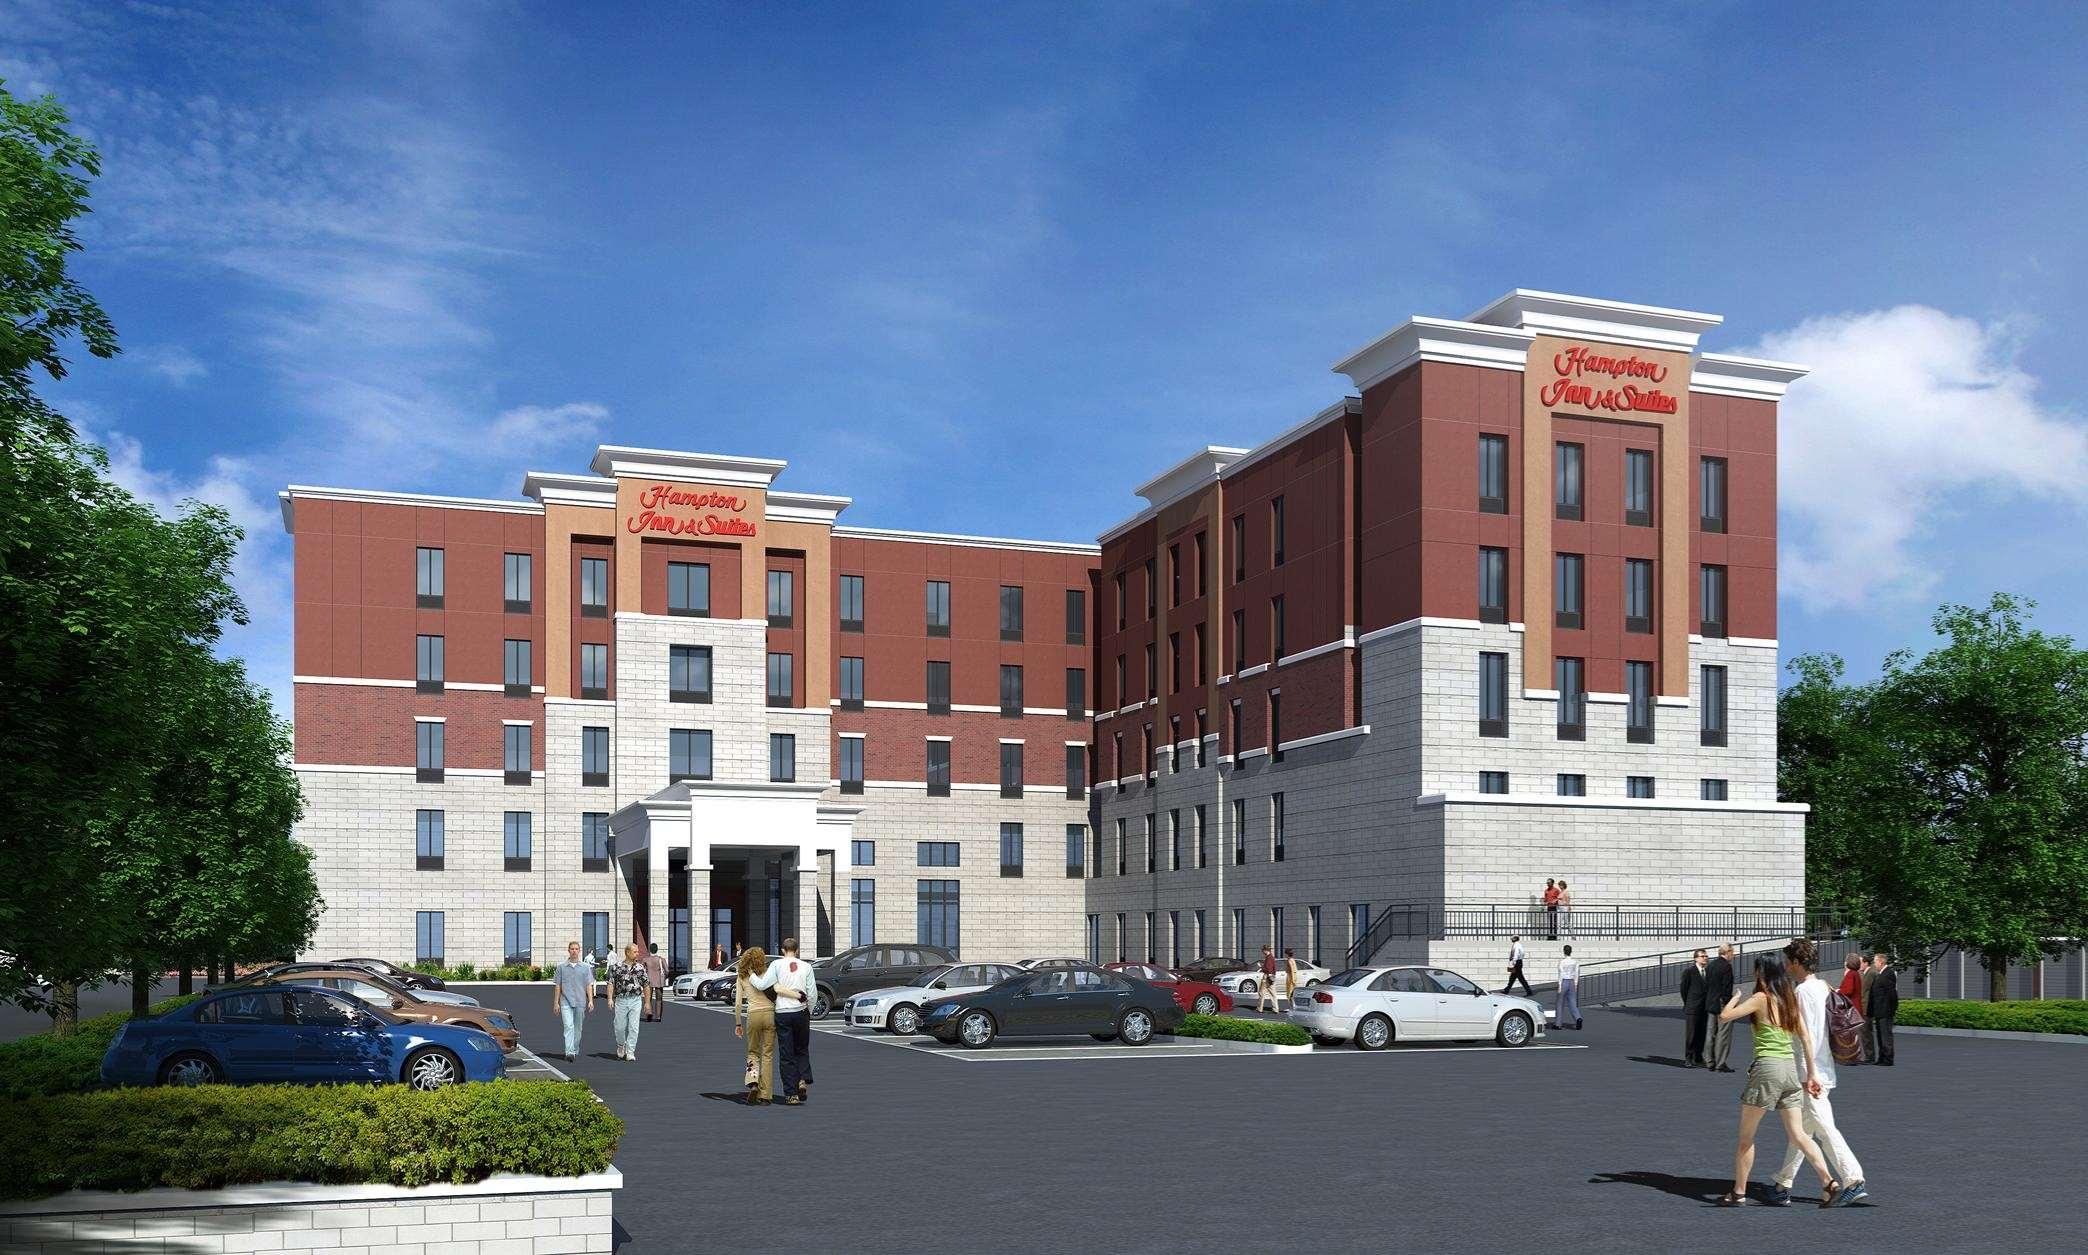 Hampton Inn & Suites Cincinnati/Uptown-University Area image 27